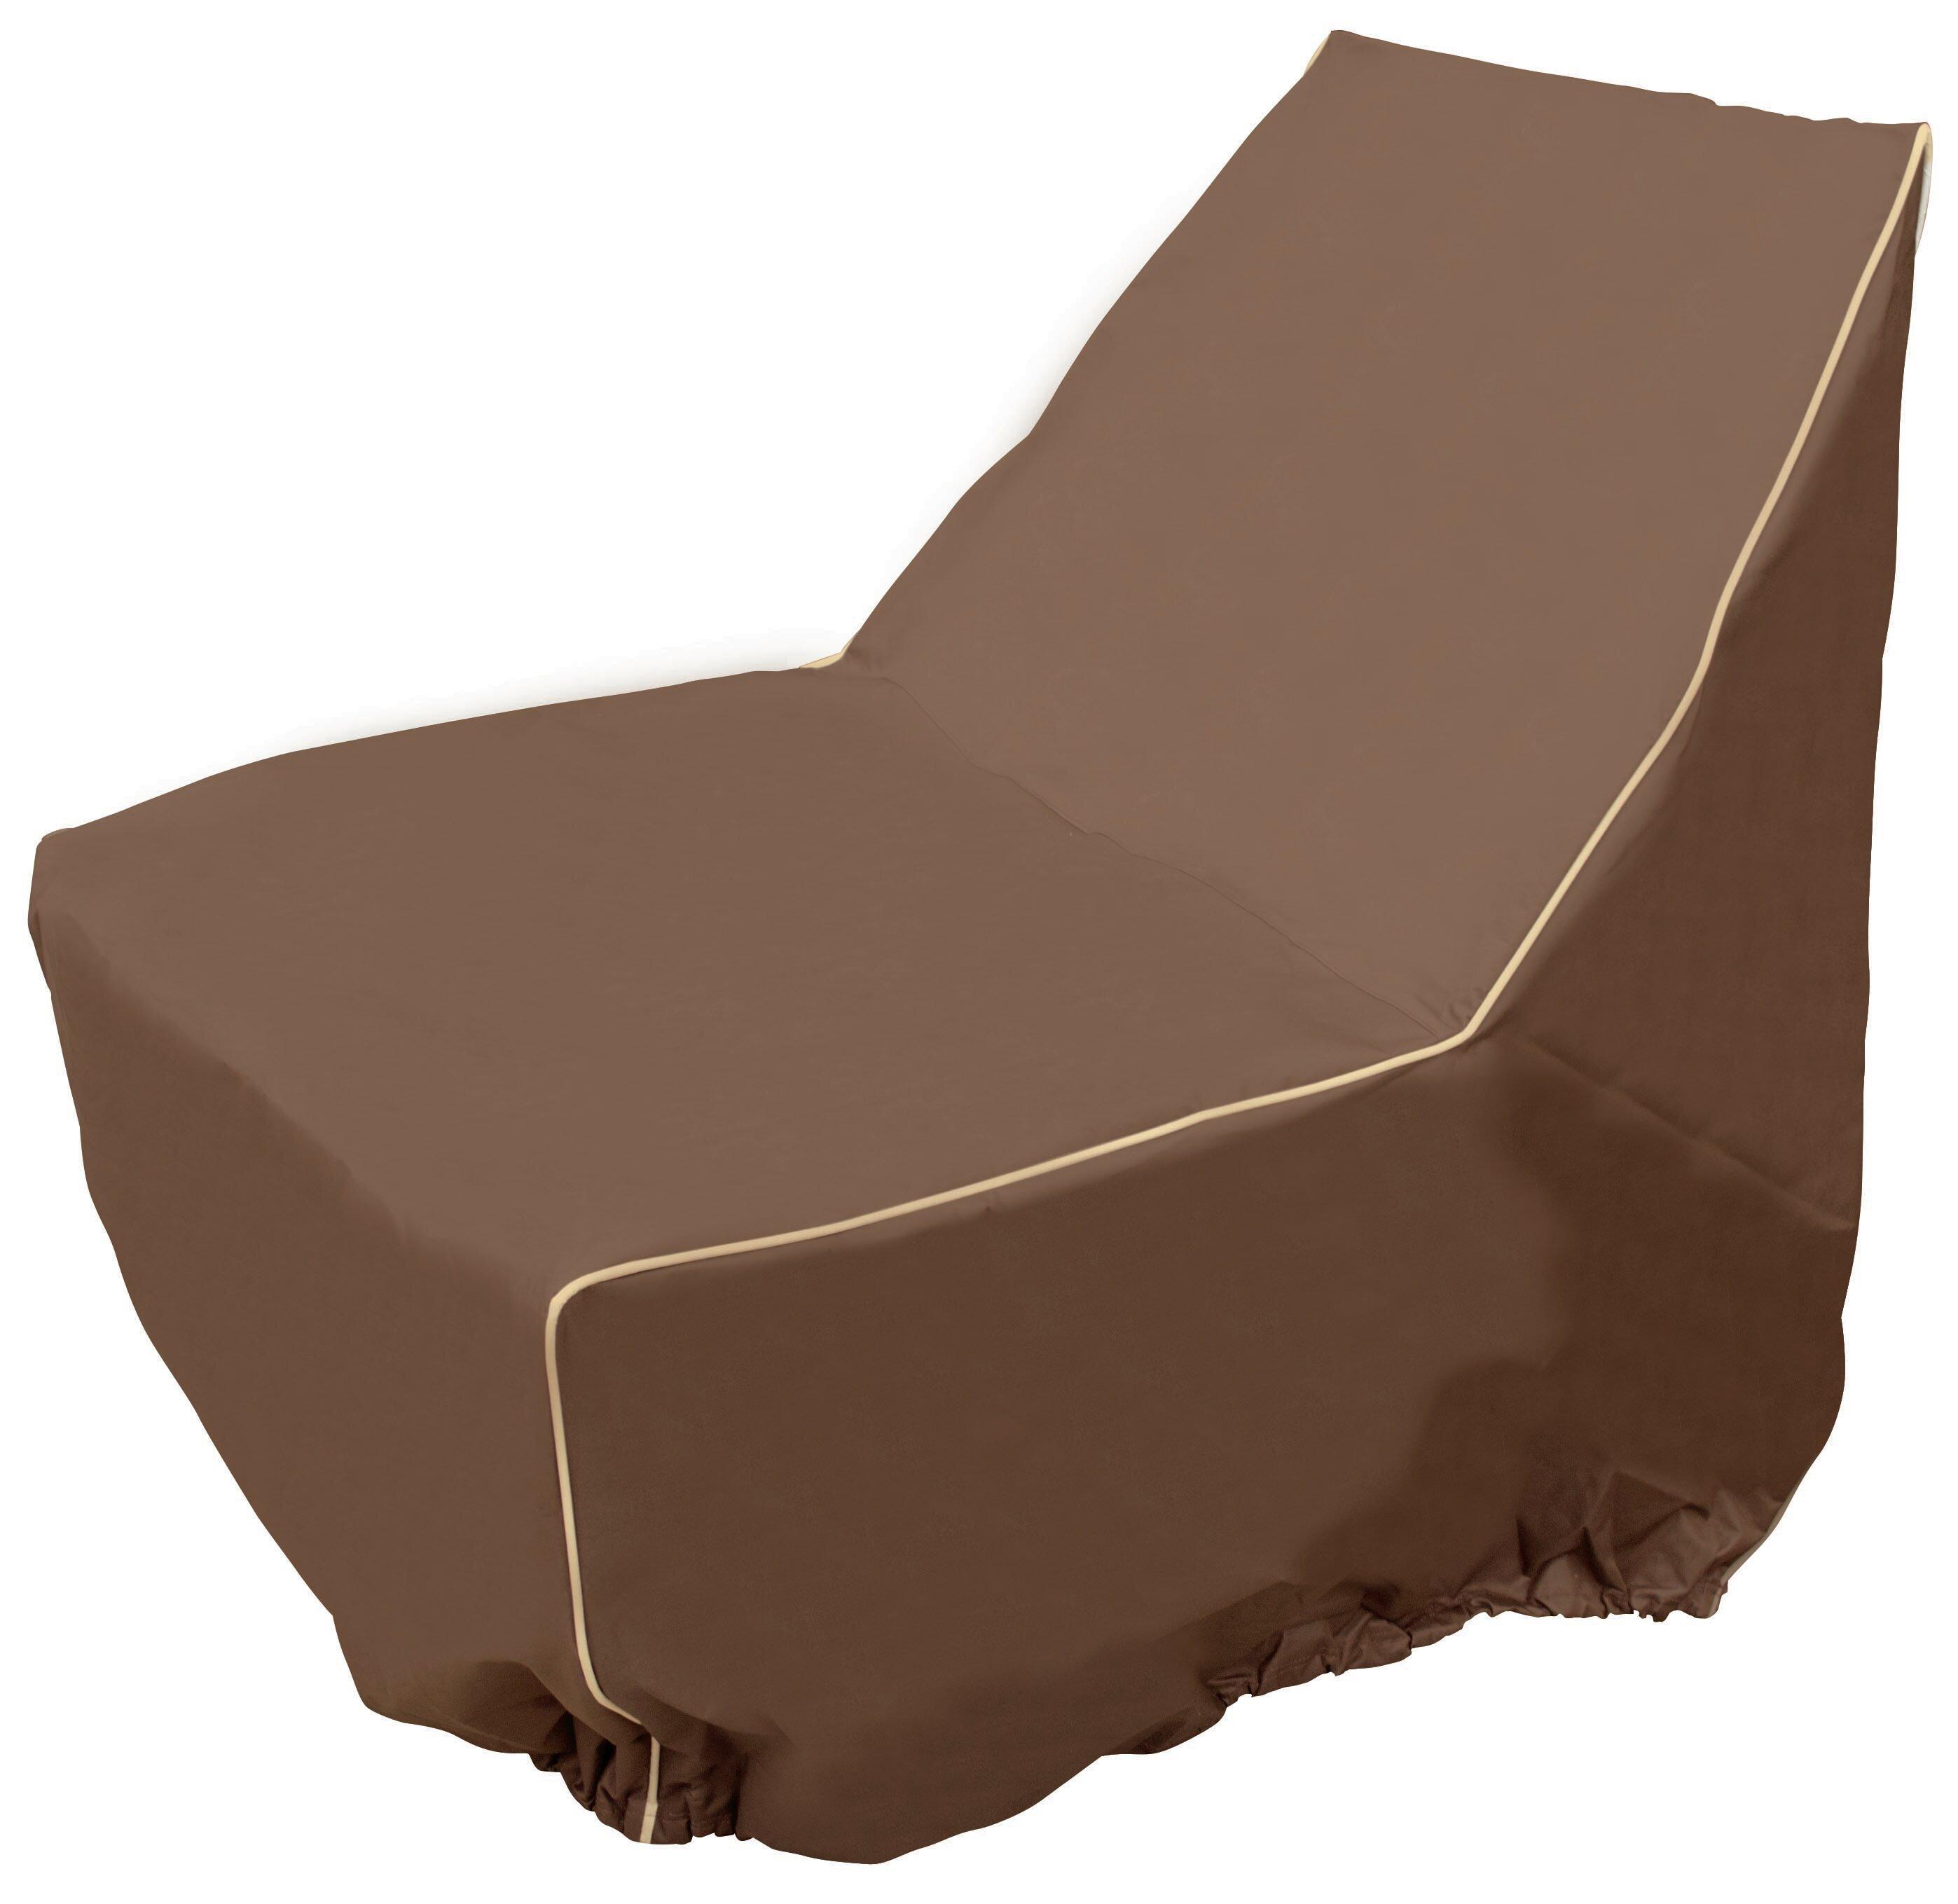 Genial Mr. Bar B Q Adirondack Patio Chair Cover   Wayfair